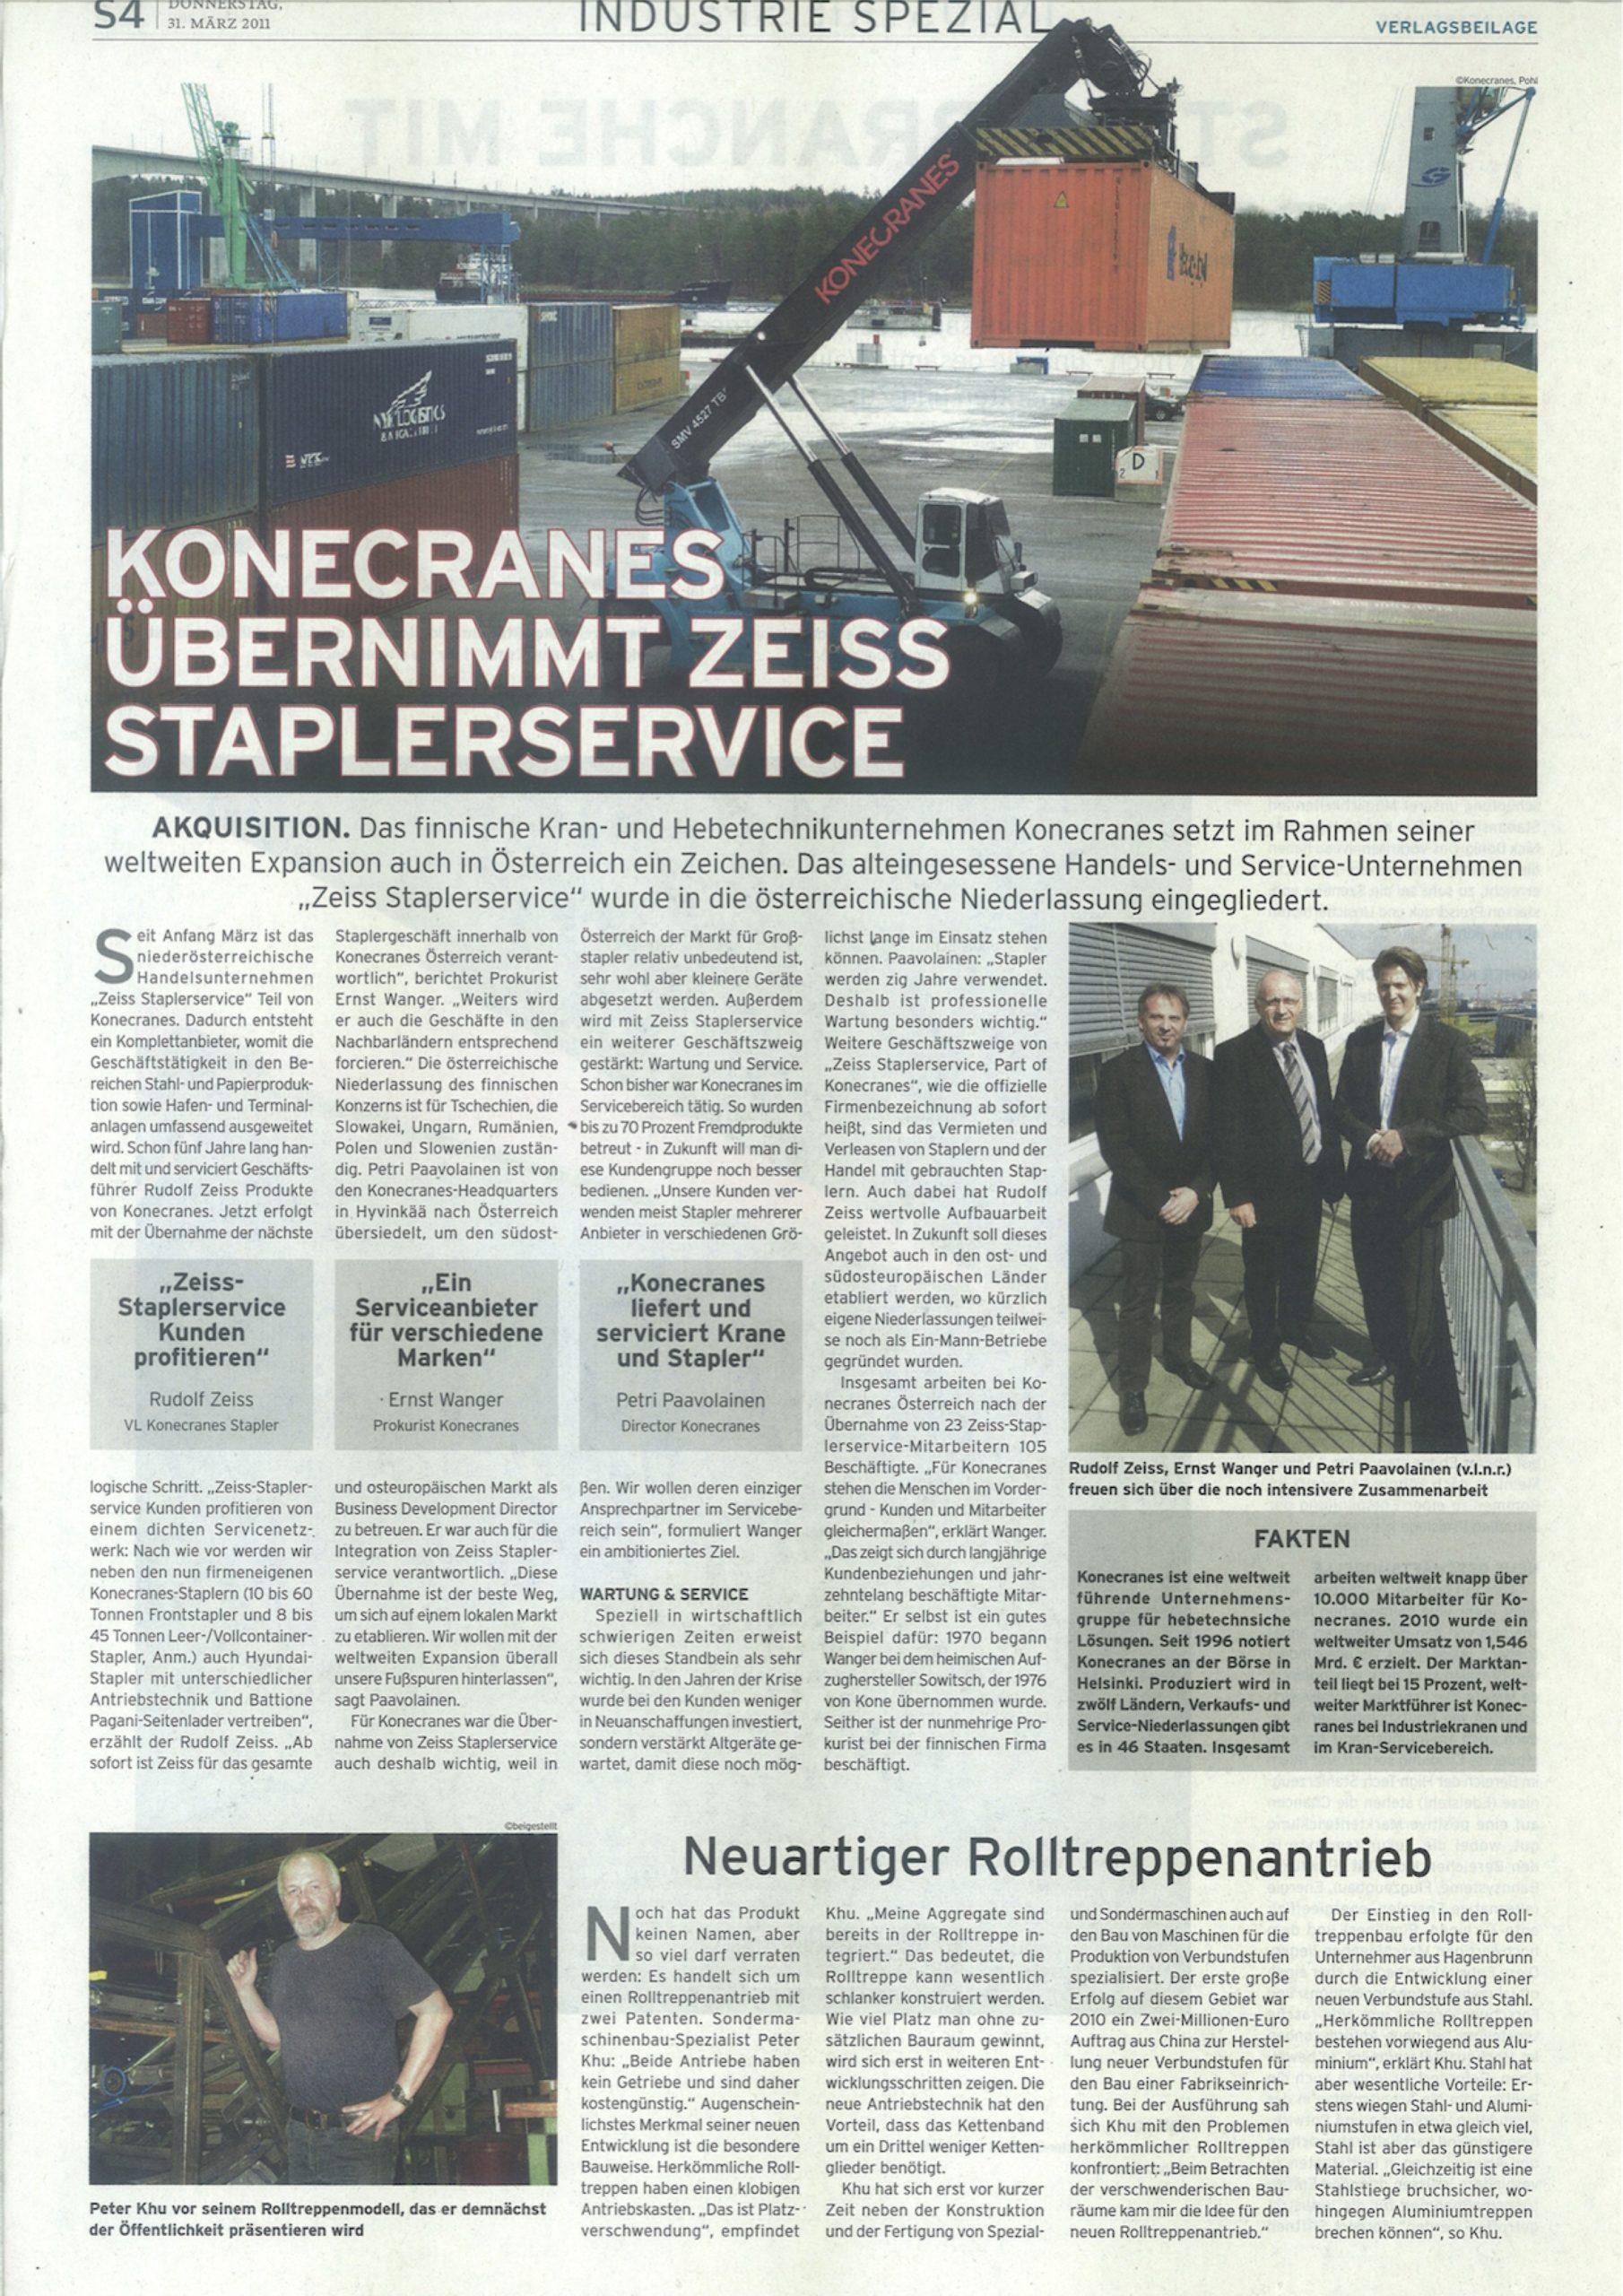 Presseldung über neuartigen Rolltreppenantrieb von KHU Sondermaschinen